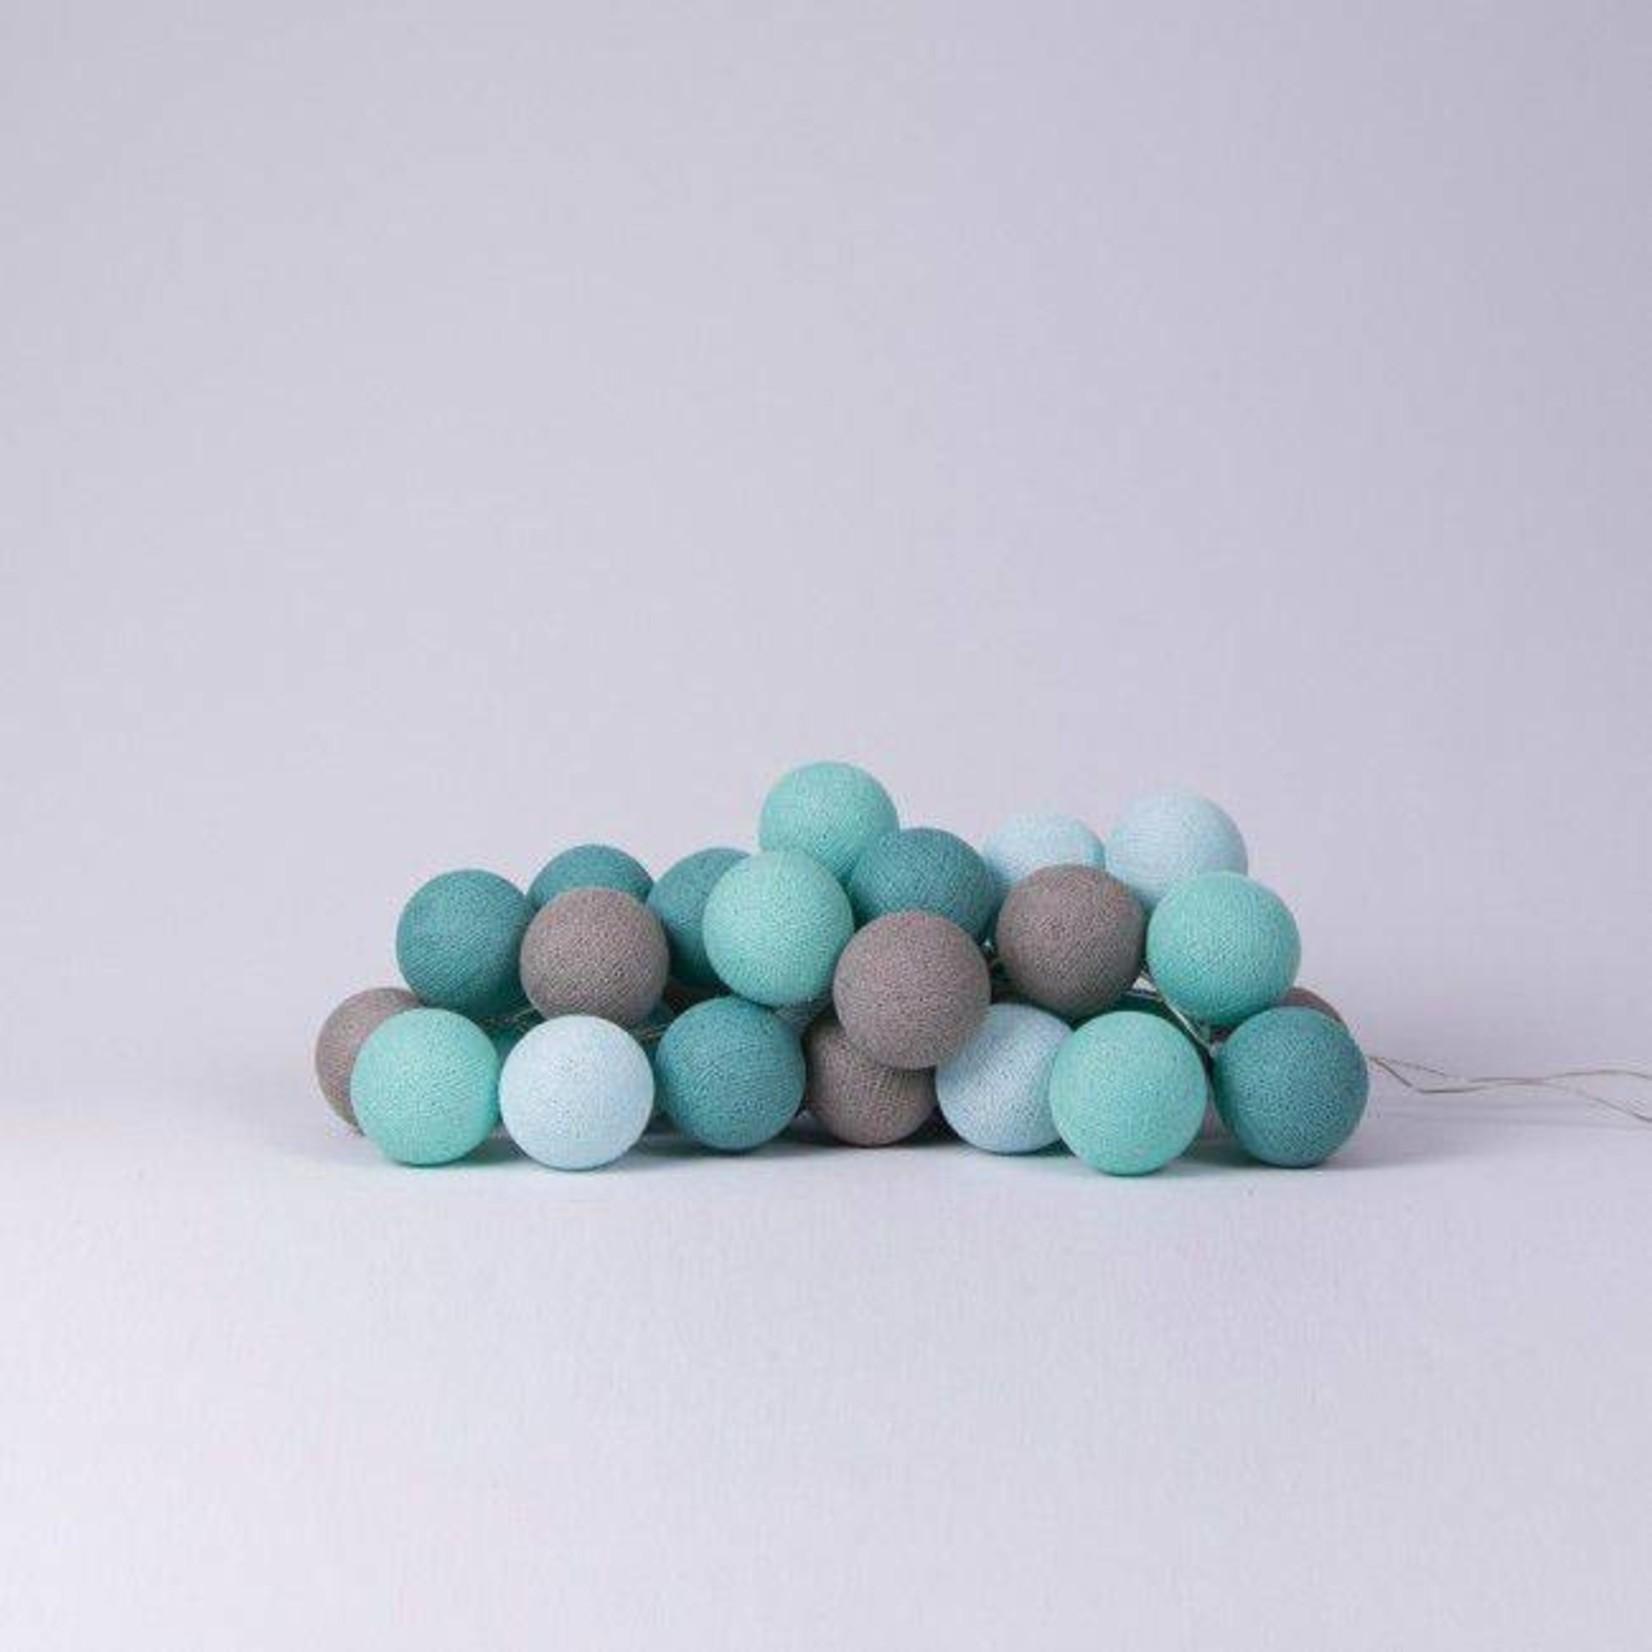 Cotton Ball Lights - Mint